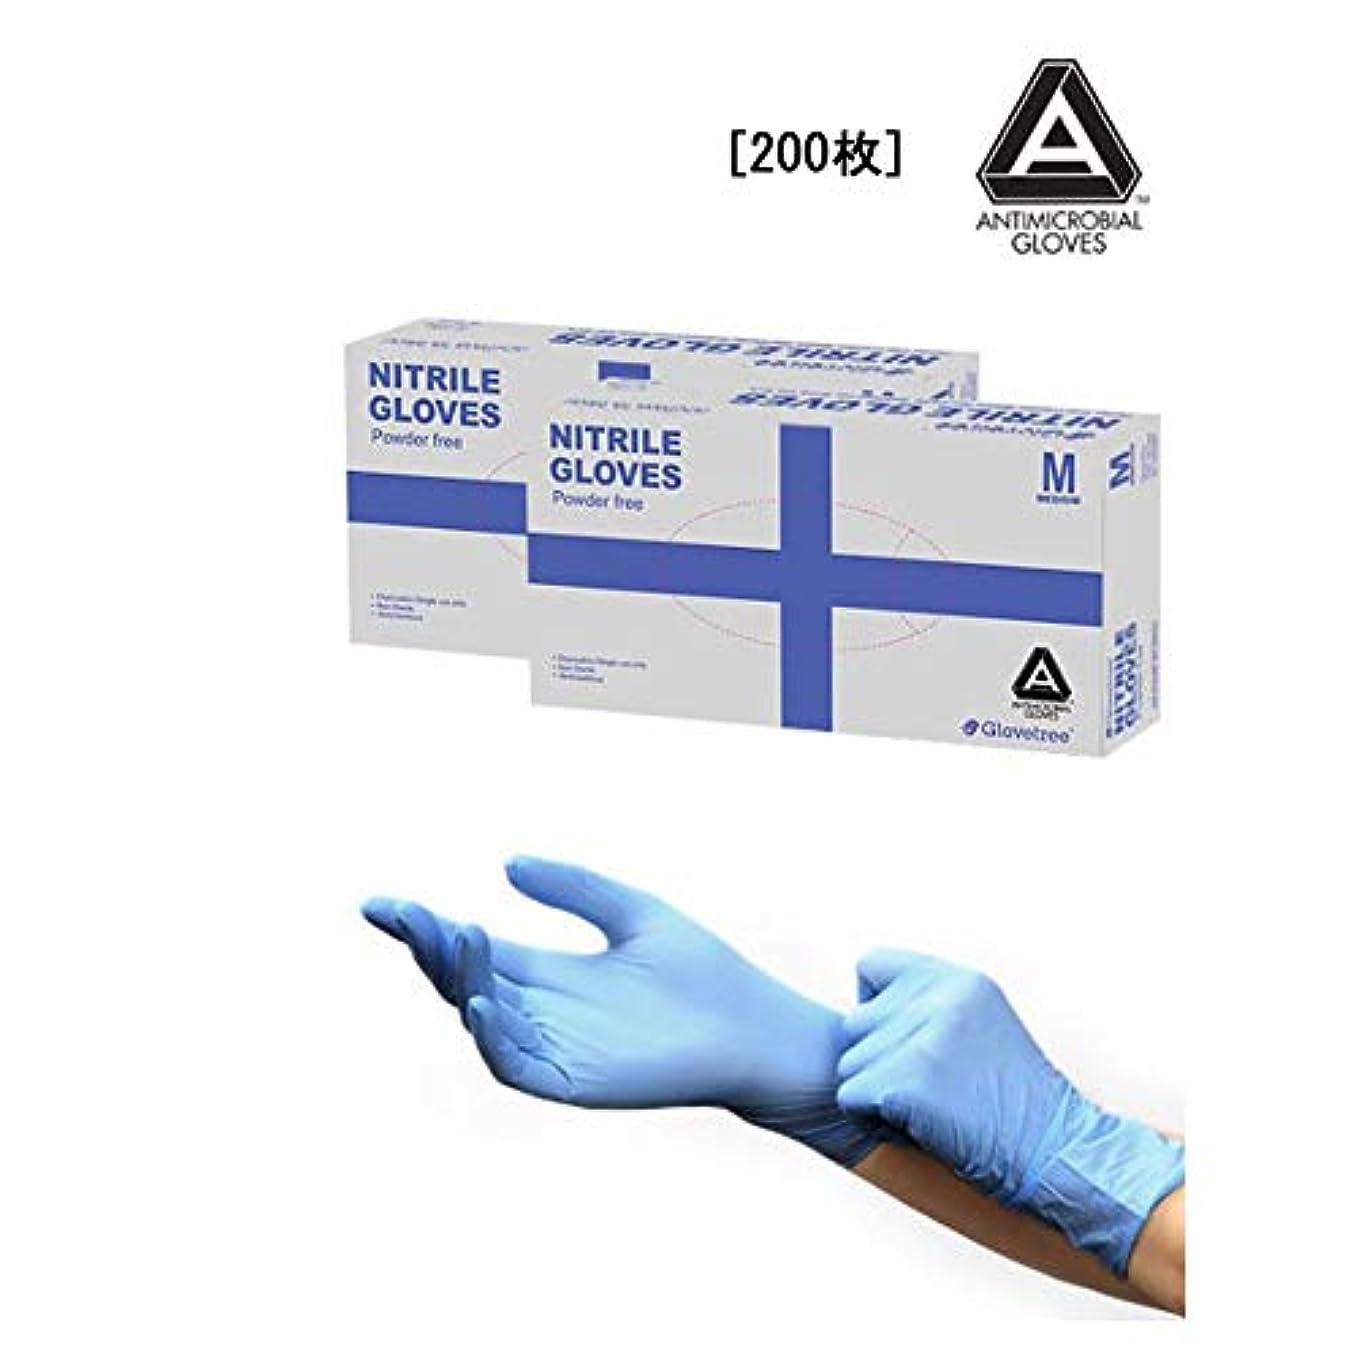 選出する不信車両(Glove Tree)AMG(Anti Microbial Gloves) 最高品質 無粉末 ニトリル手袋 パウダーフリー Biolet Blue 200枚(3.2g Nitrile、Mサイズ目安、Powder Free)【海外配送商品】【並行輸入品】 (S)